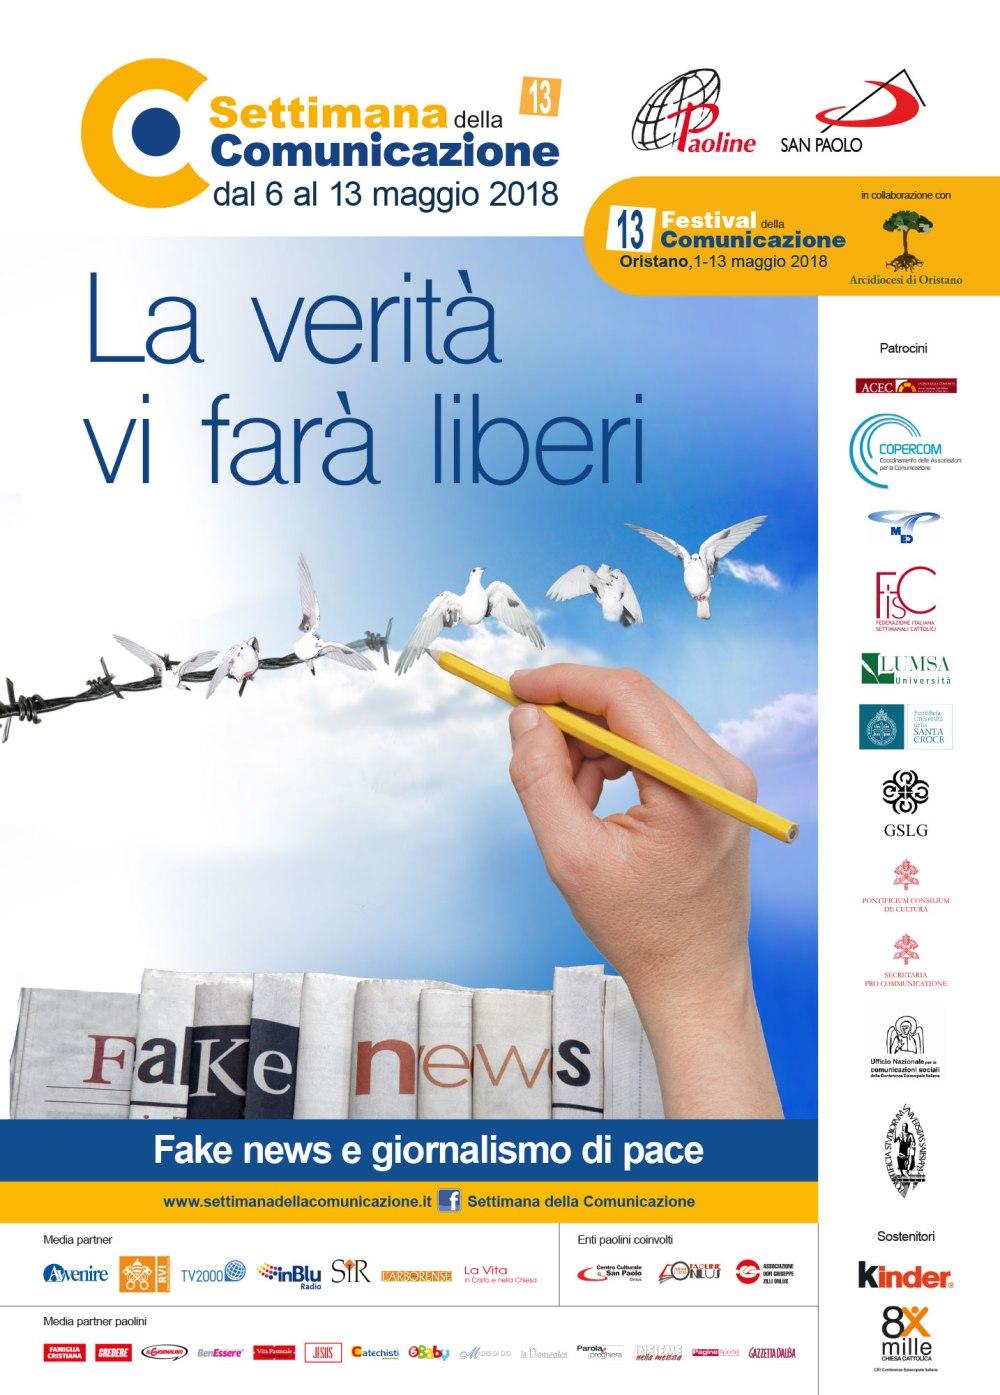 Locandina_Settimana_della_comunicazione_2018